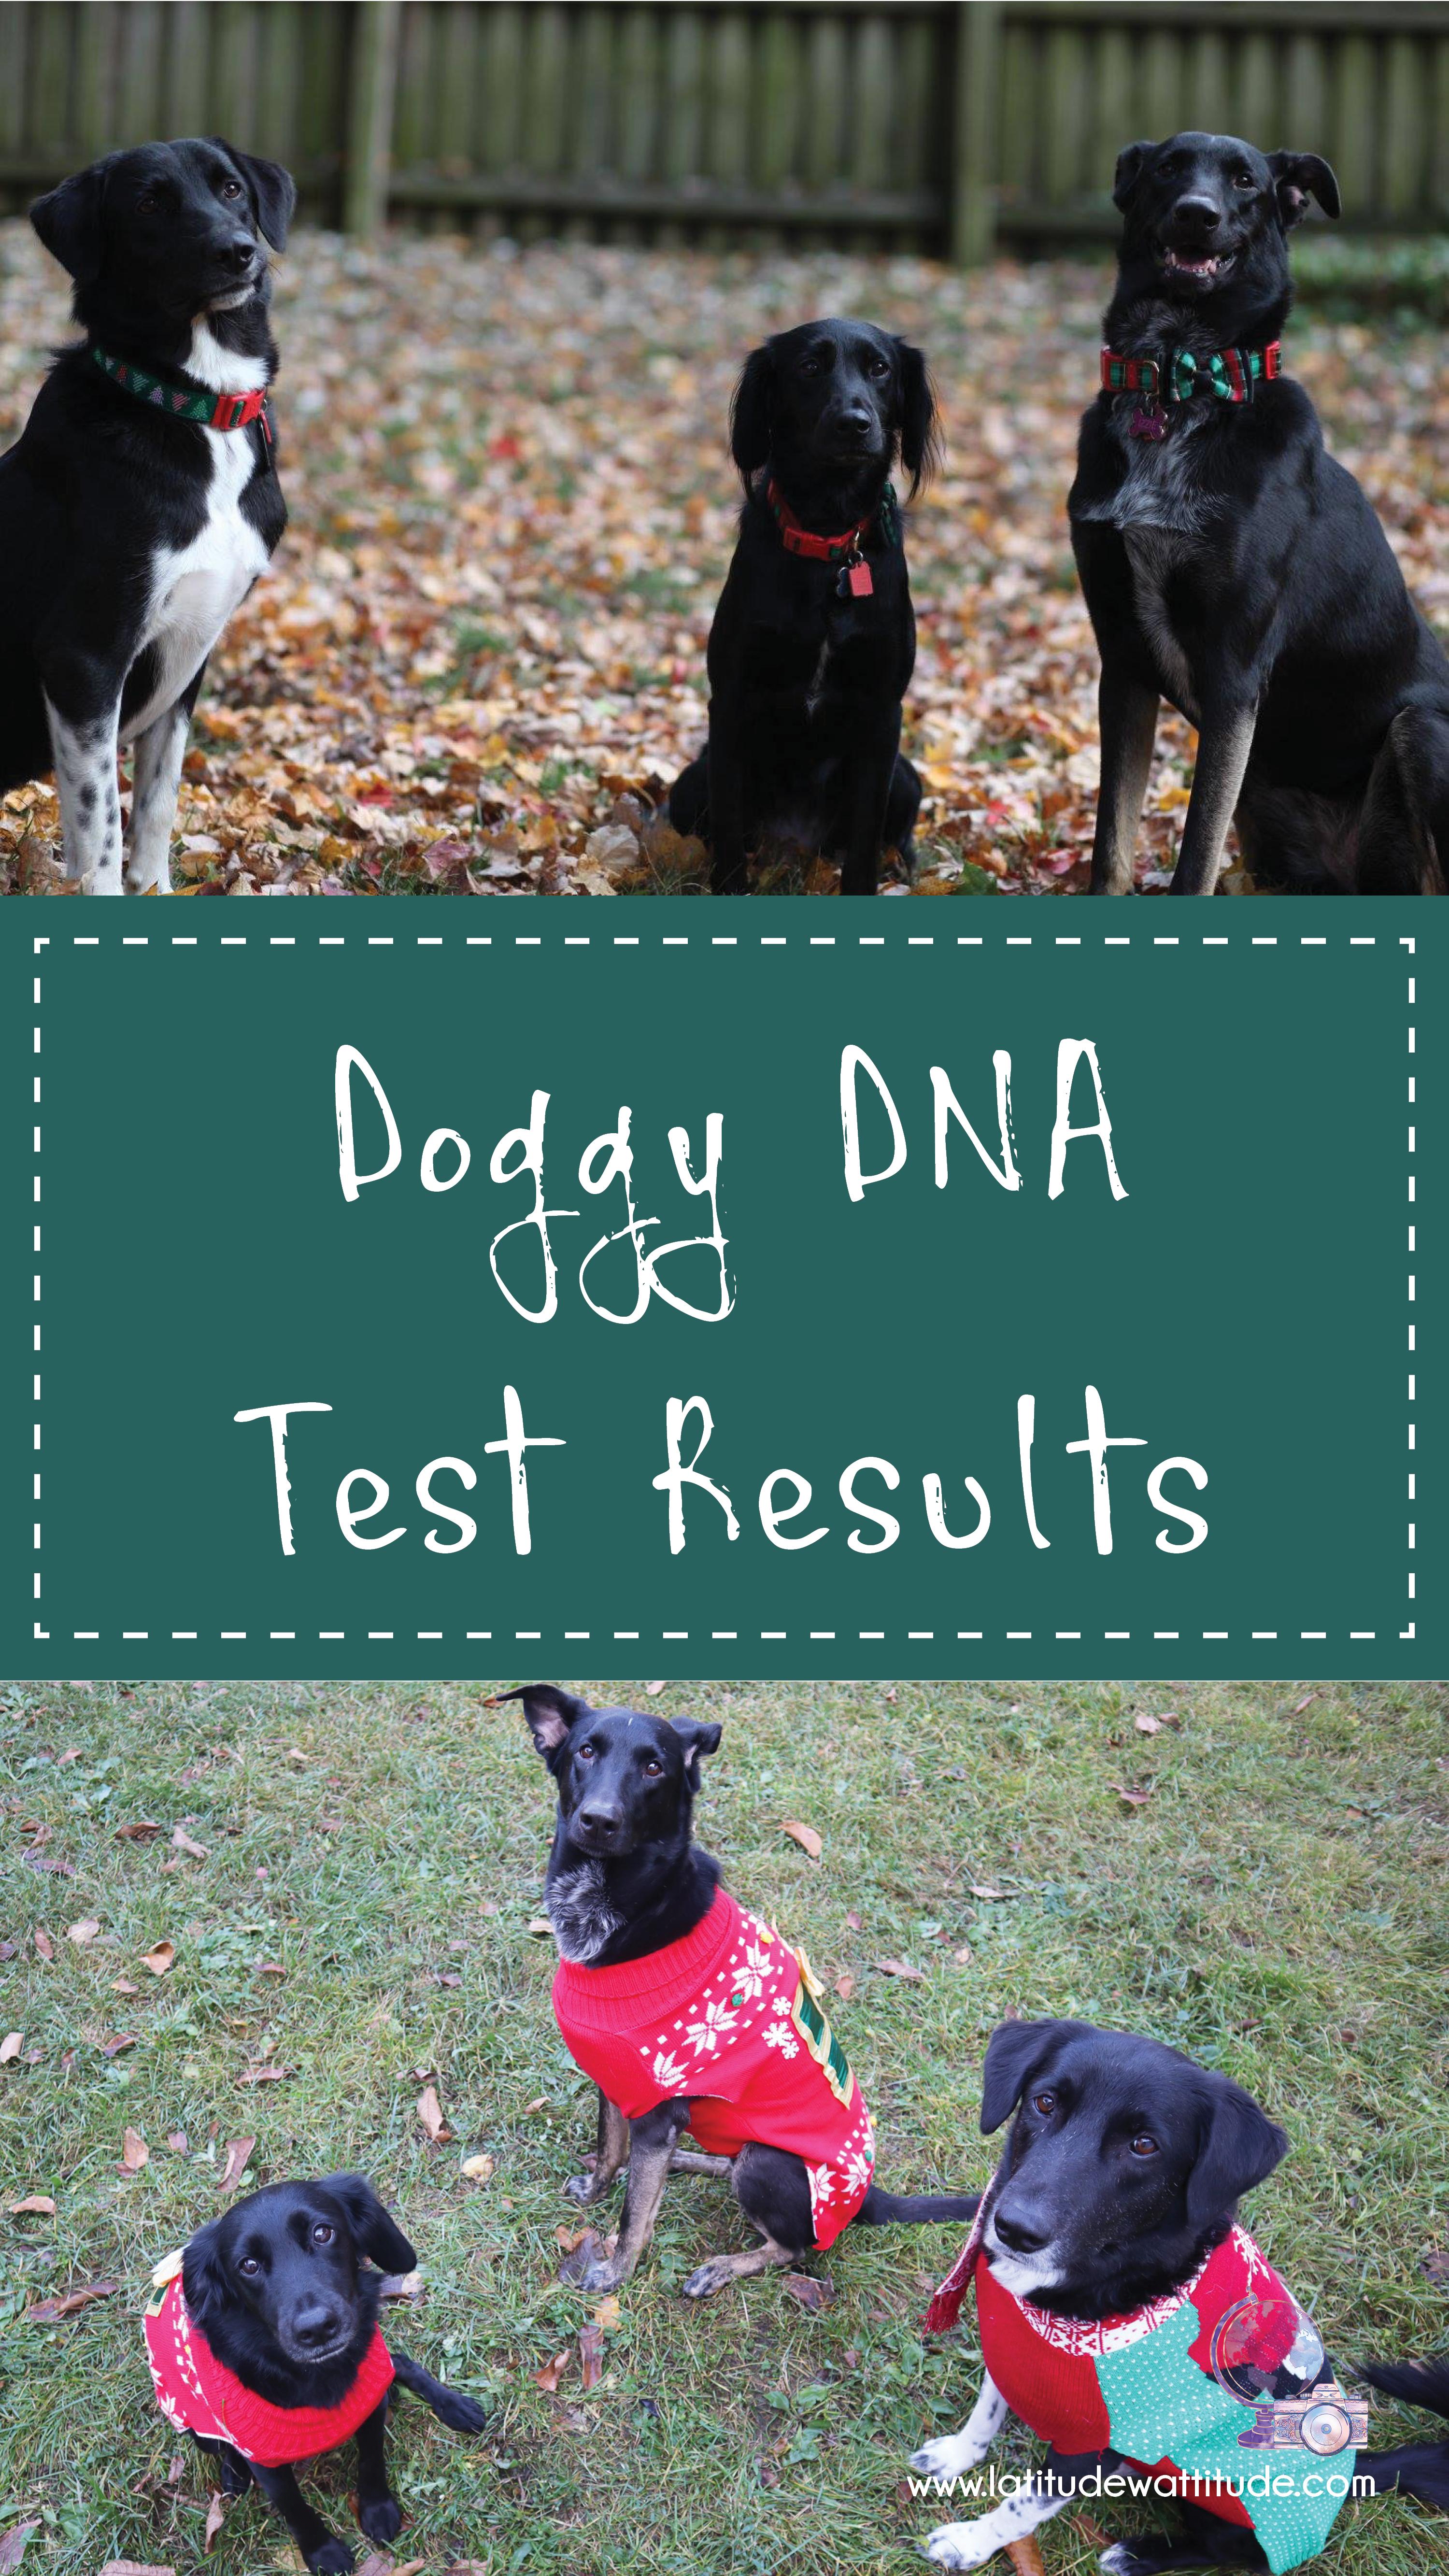 DoggyDNA1